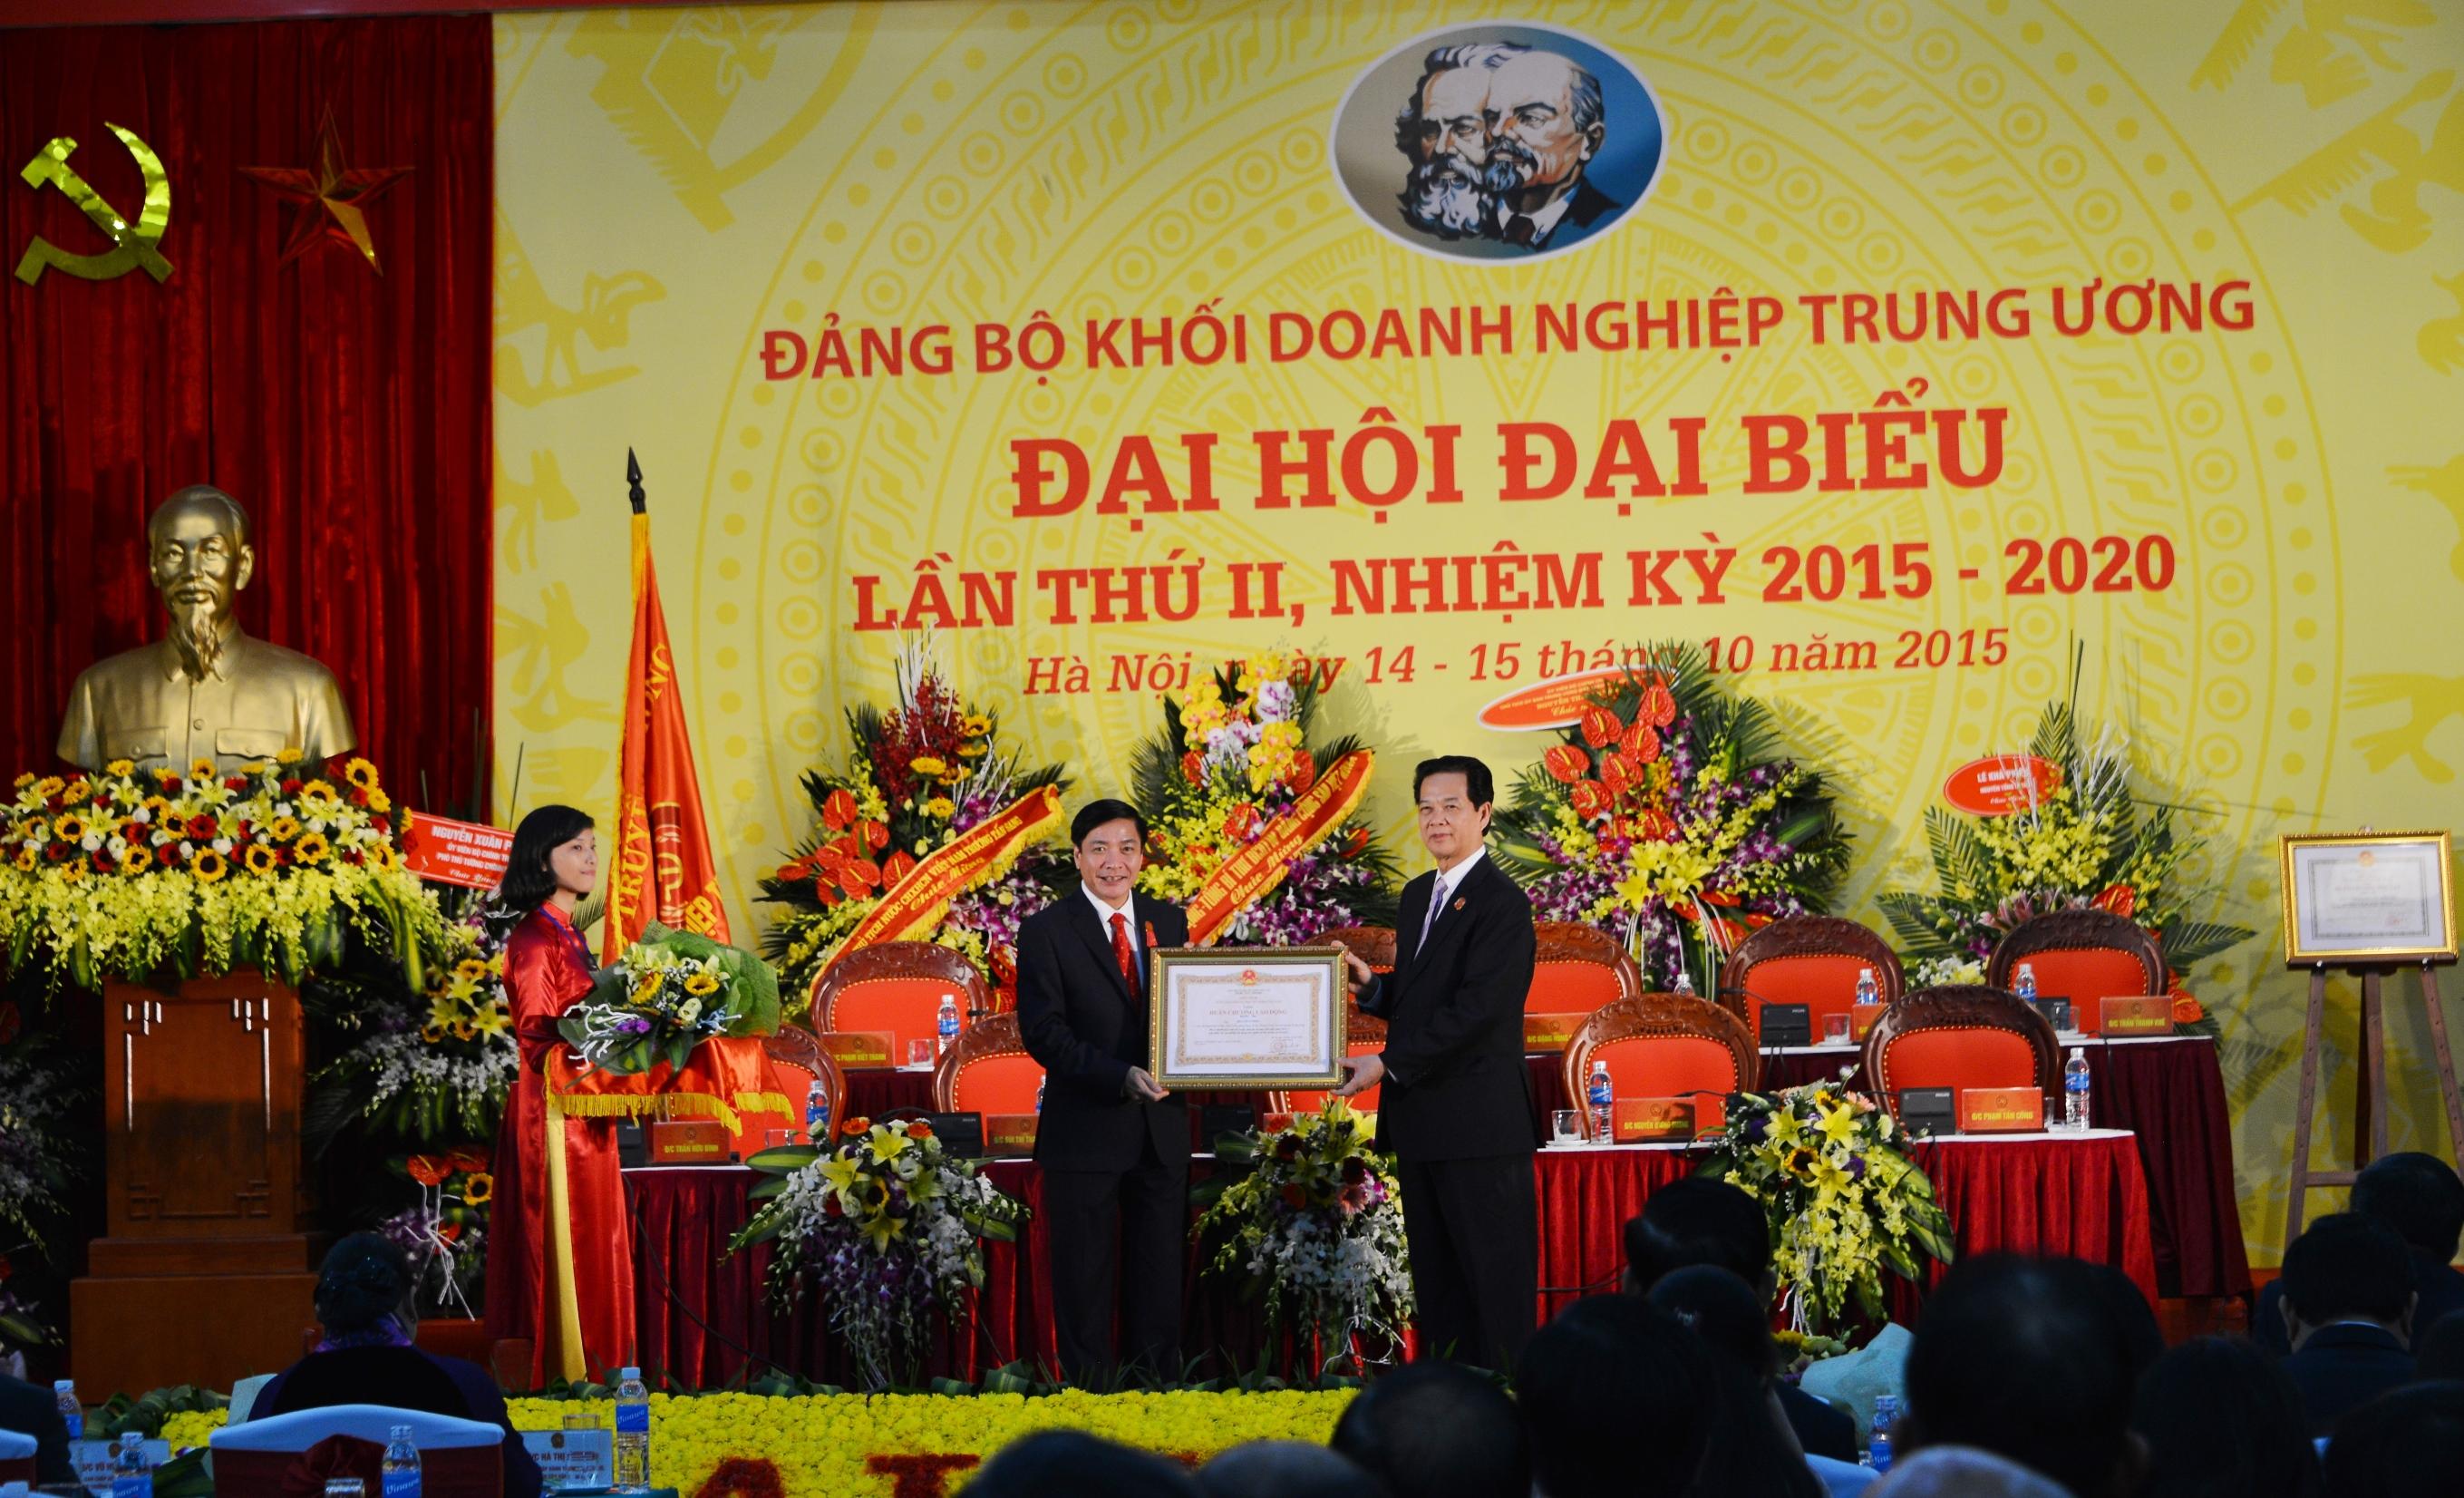 Thủ tướng Chính phủ trao Huân chương Lao động hạng Nhì cho Bí thư Đảng ủy Khối Doanh nghiệp Trung ương Bùi Văn Cường.